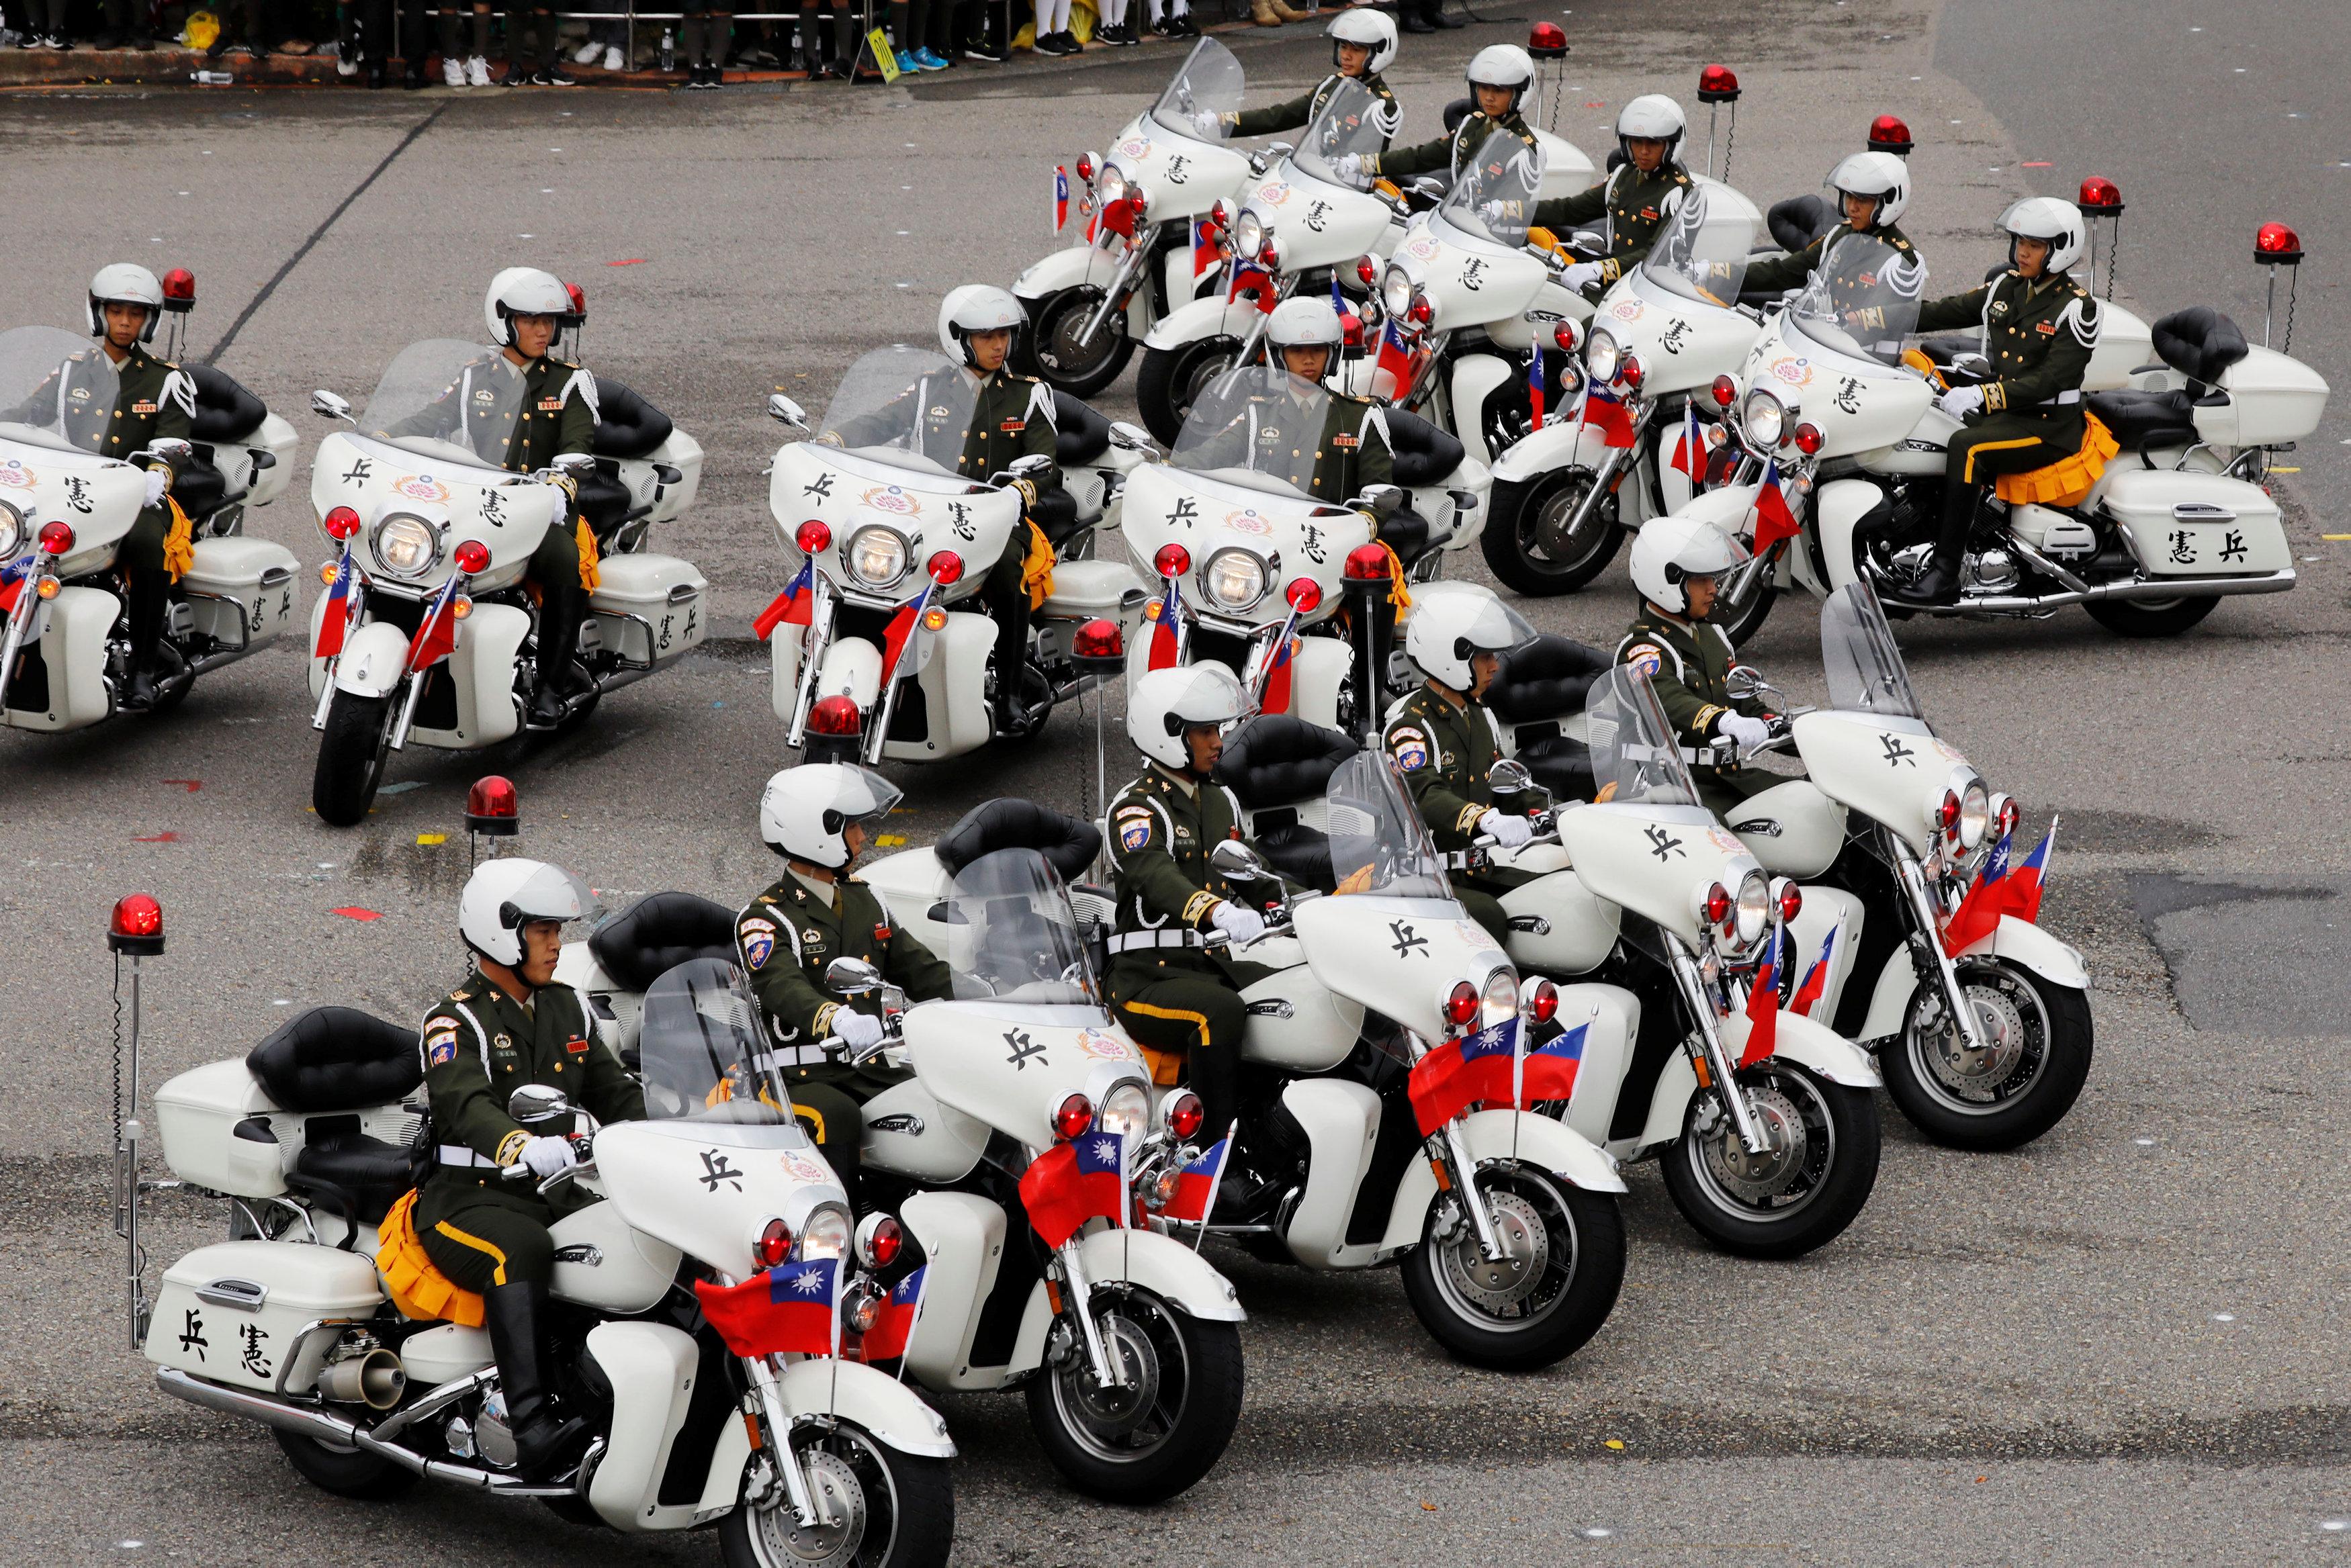 قوات الشرطة التايوانية تستعد للقيام بأحد العروض